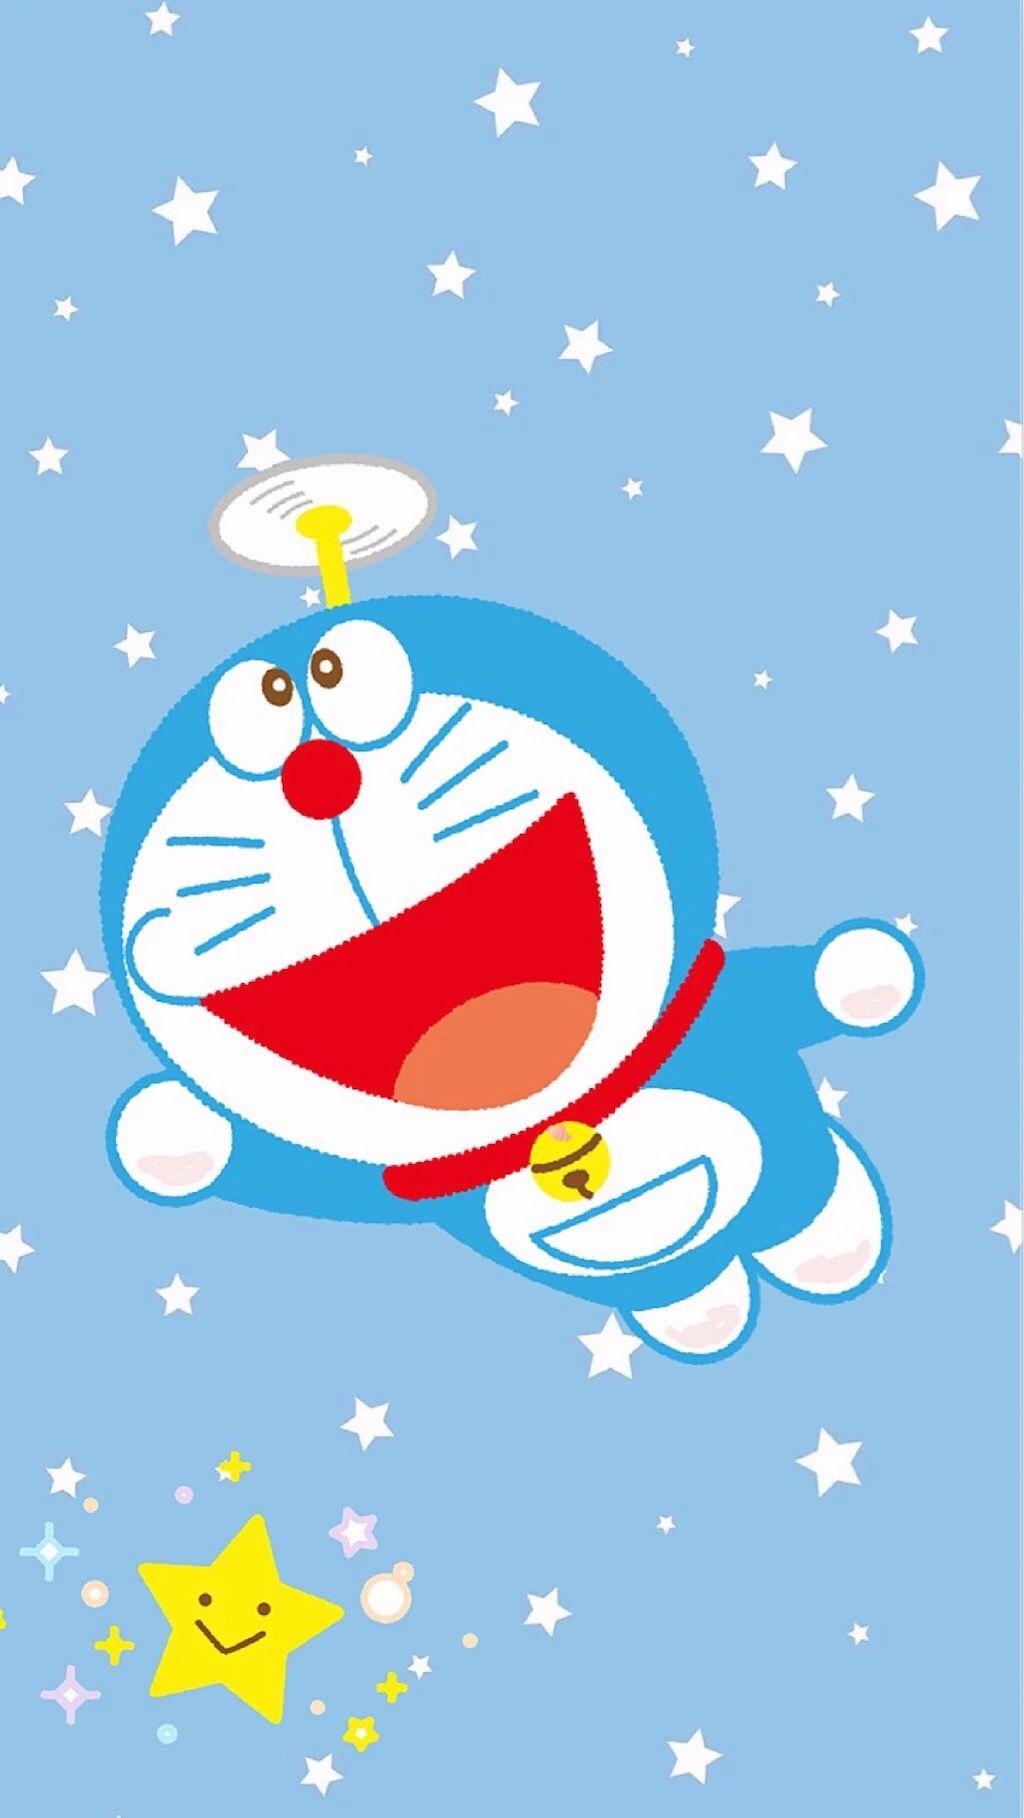 Doraemon Wallpaper Doraemon 79901 Hd Wallpaper Backgrounds